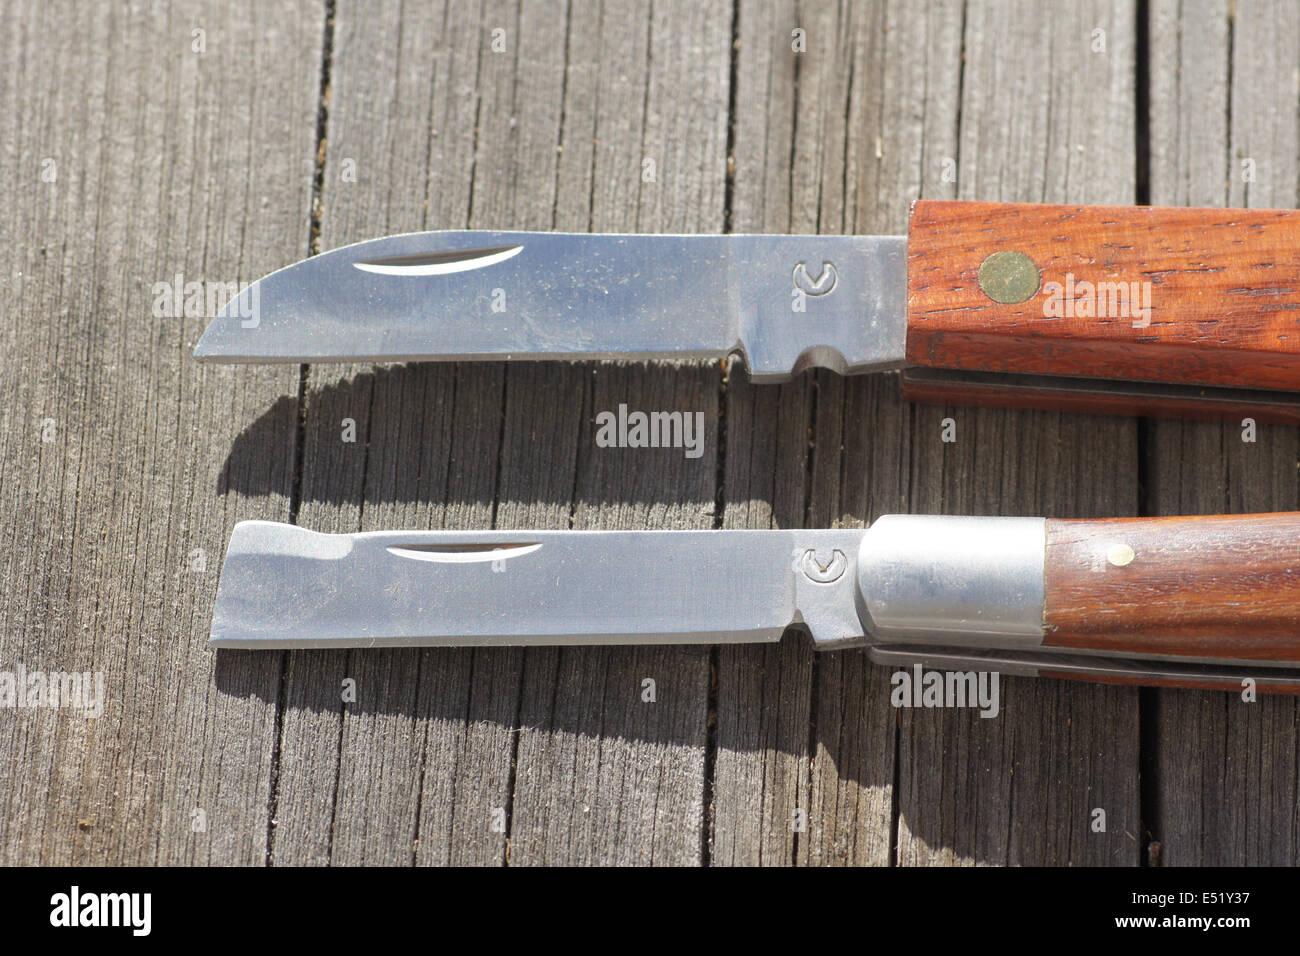 Garden knifes - Stock Image